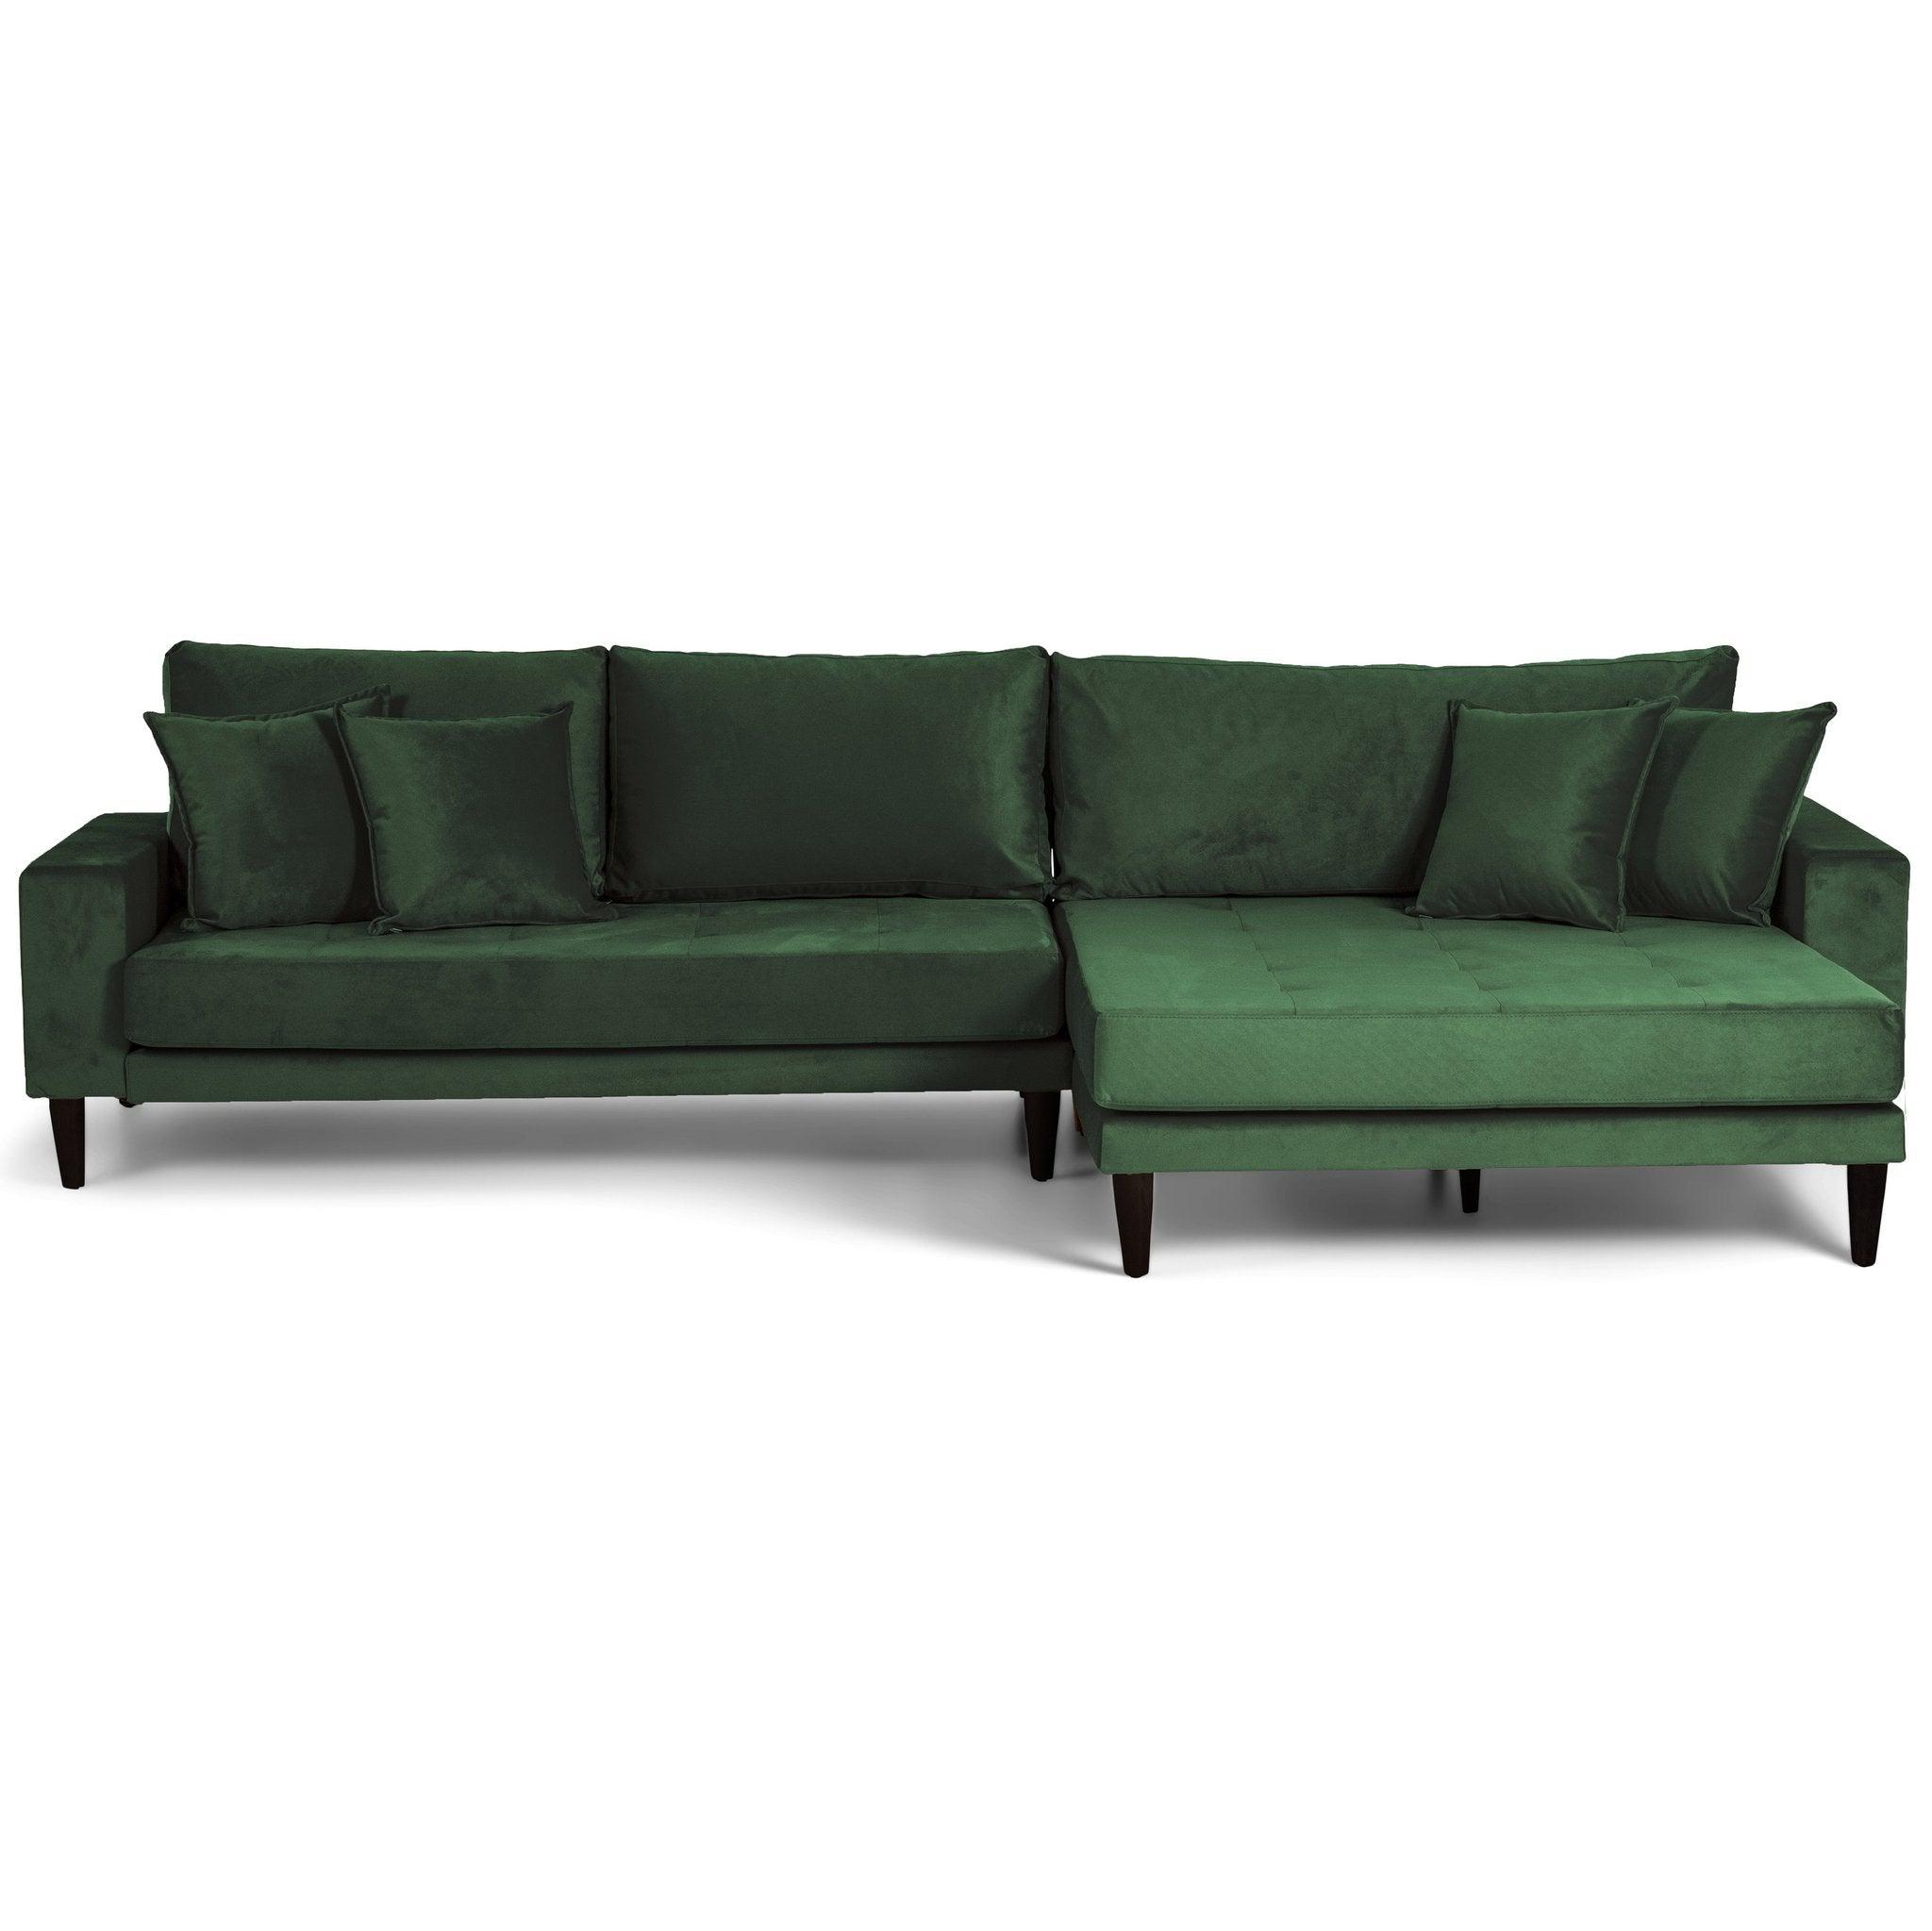 Nimara.dk Asta - Højrevendt chaiselong sofa grøn velour - 290 cm